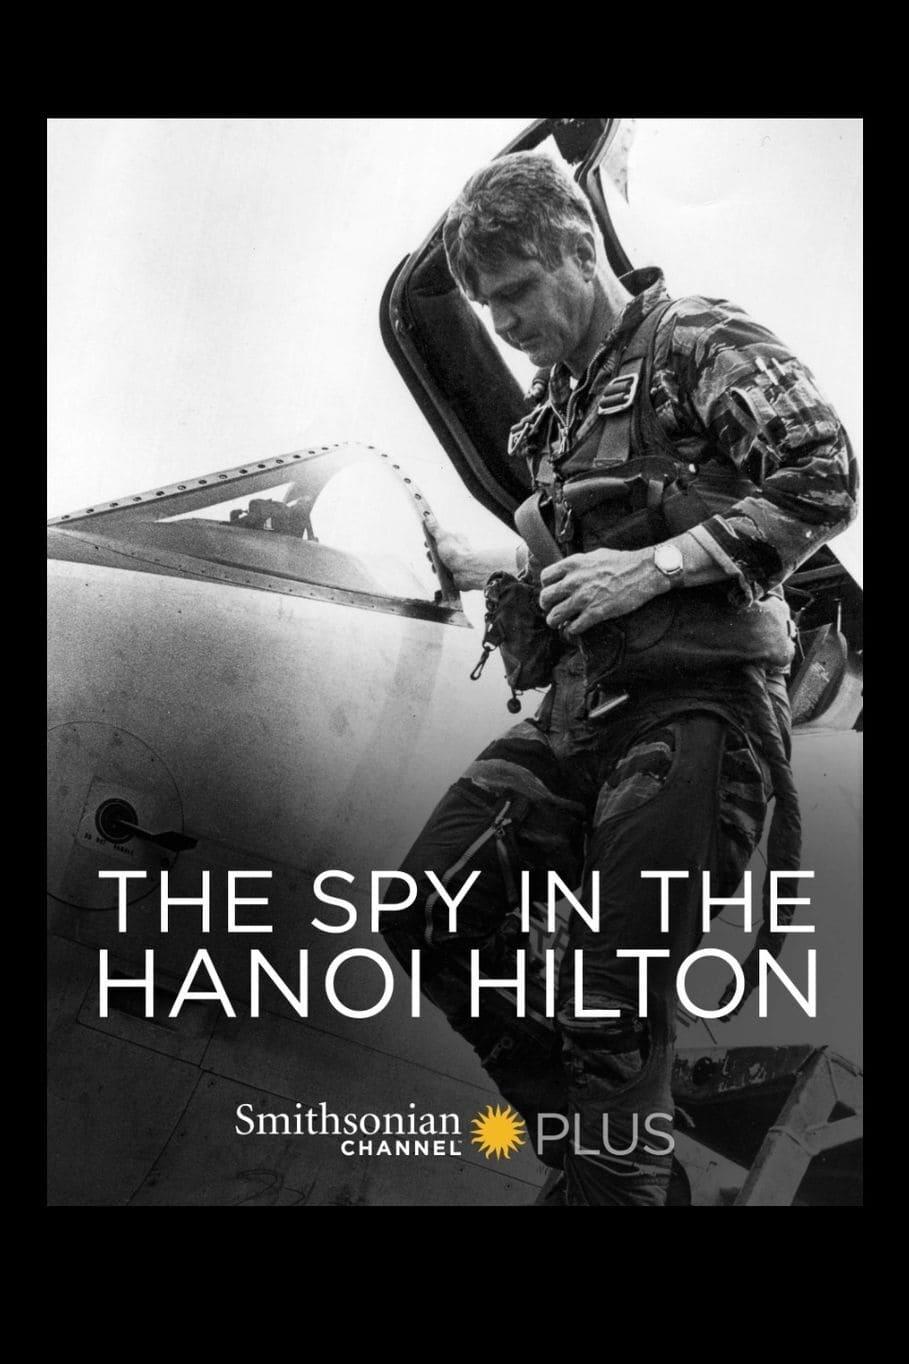 The Spy in the Hanoi Hilton